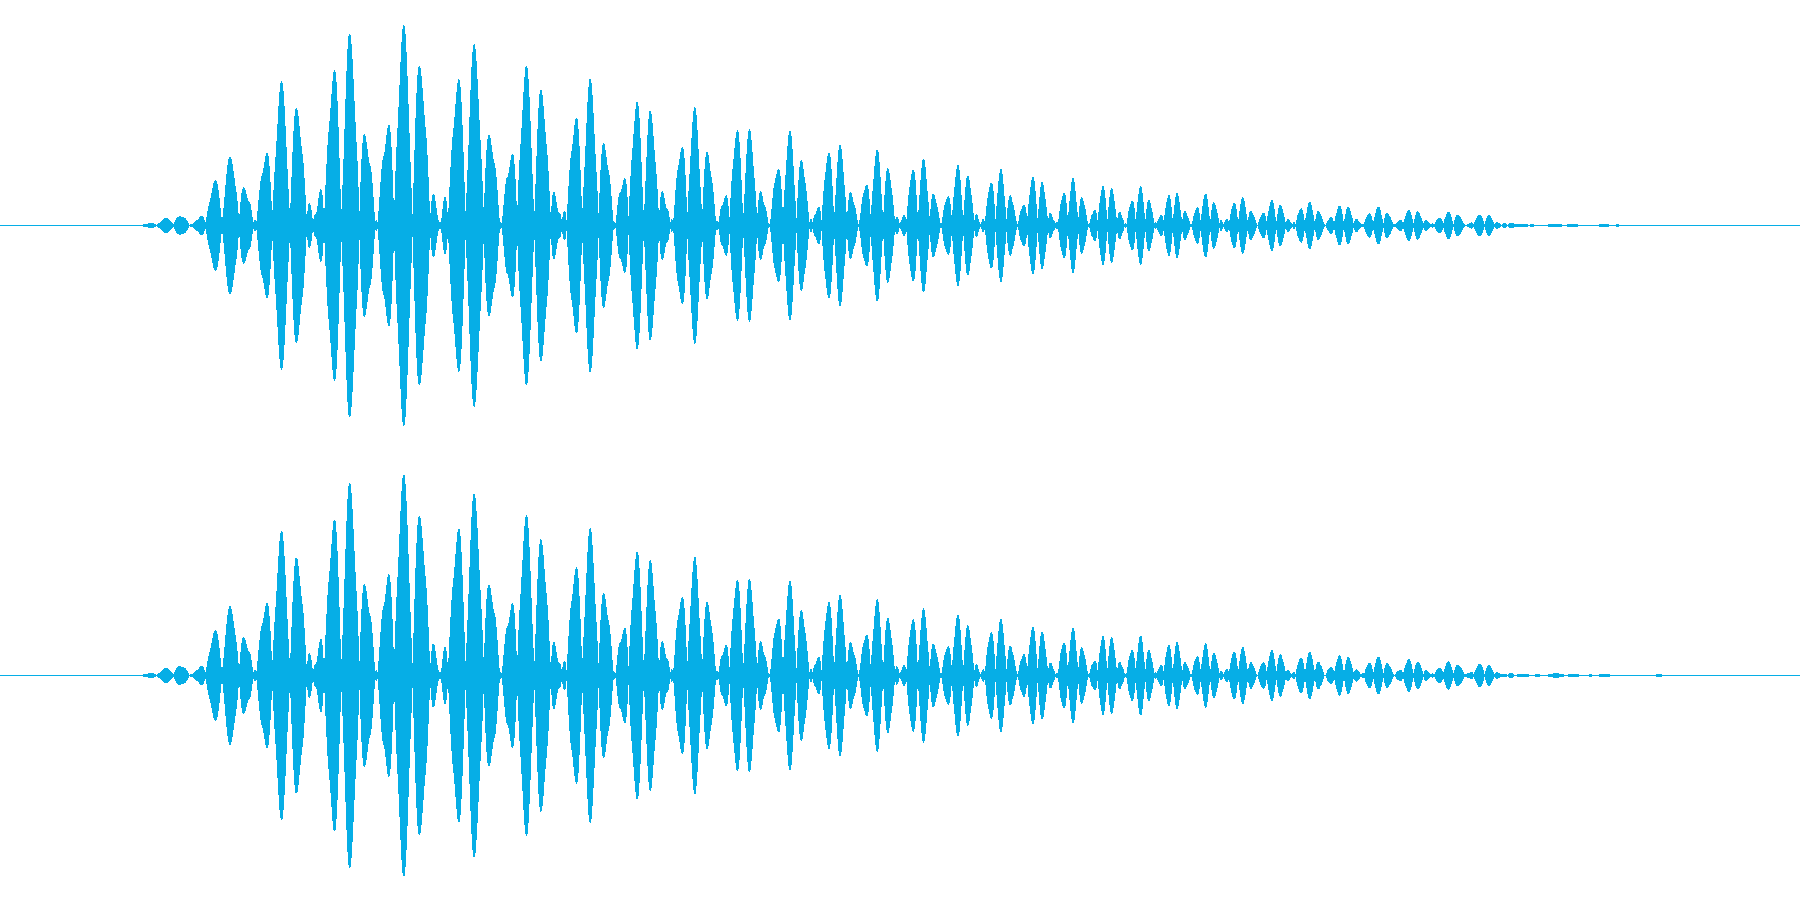 ひょい/戻る/柔らかいの再生済みの波形